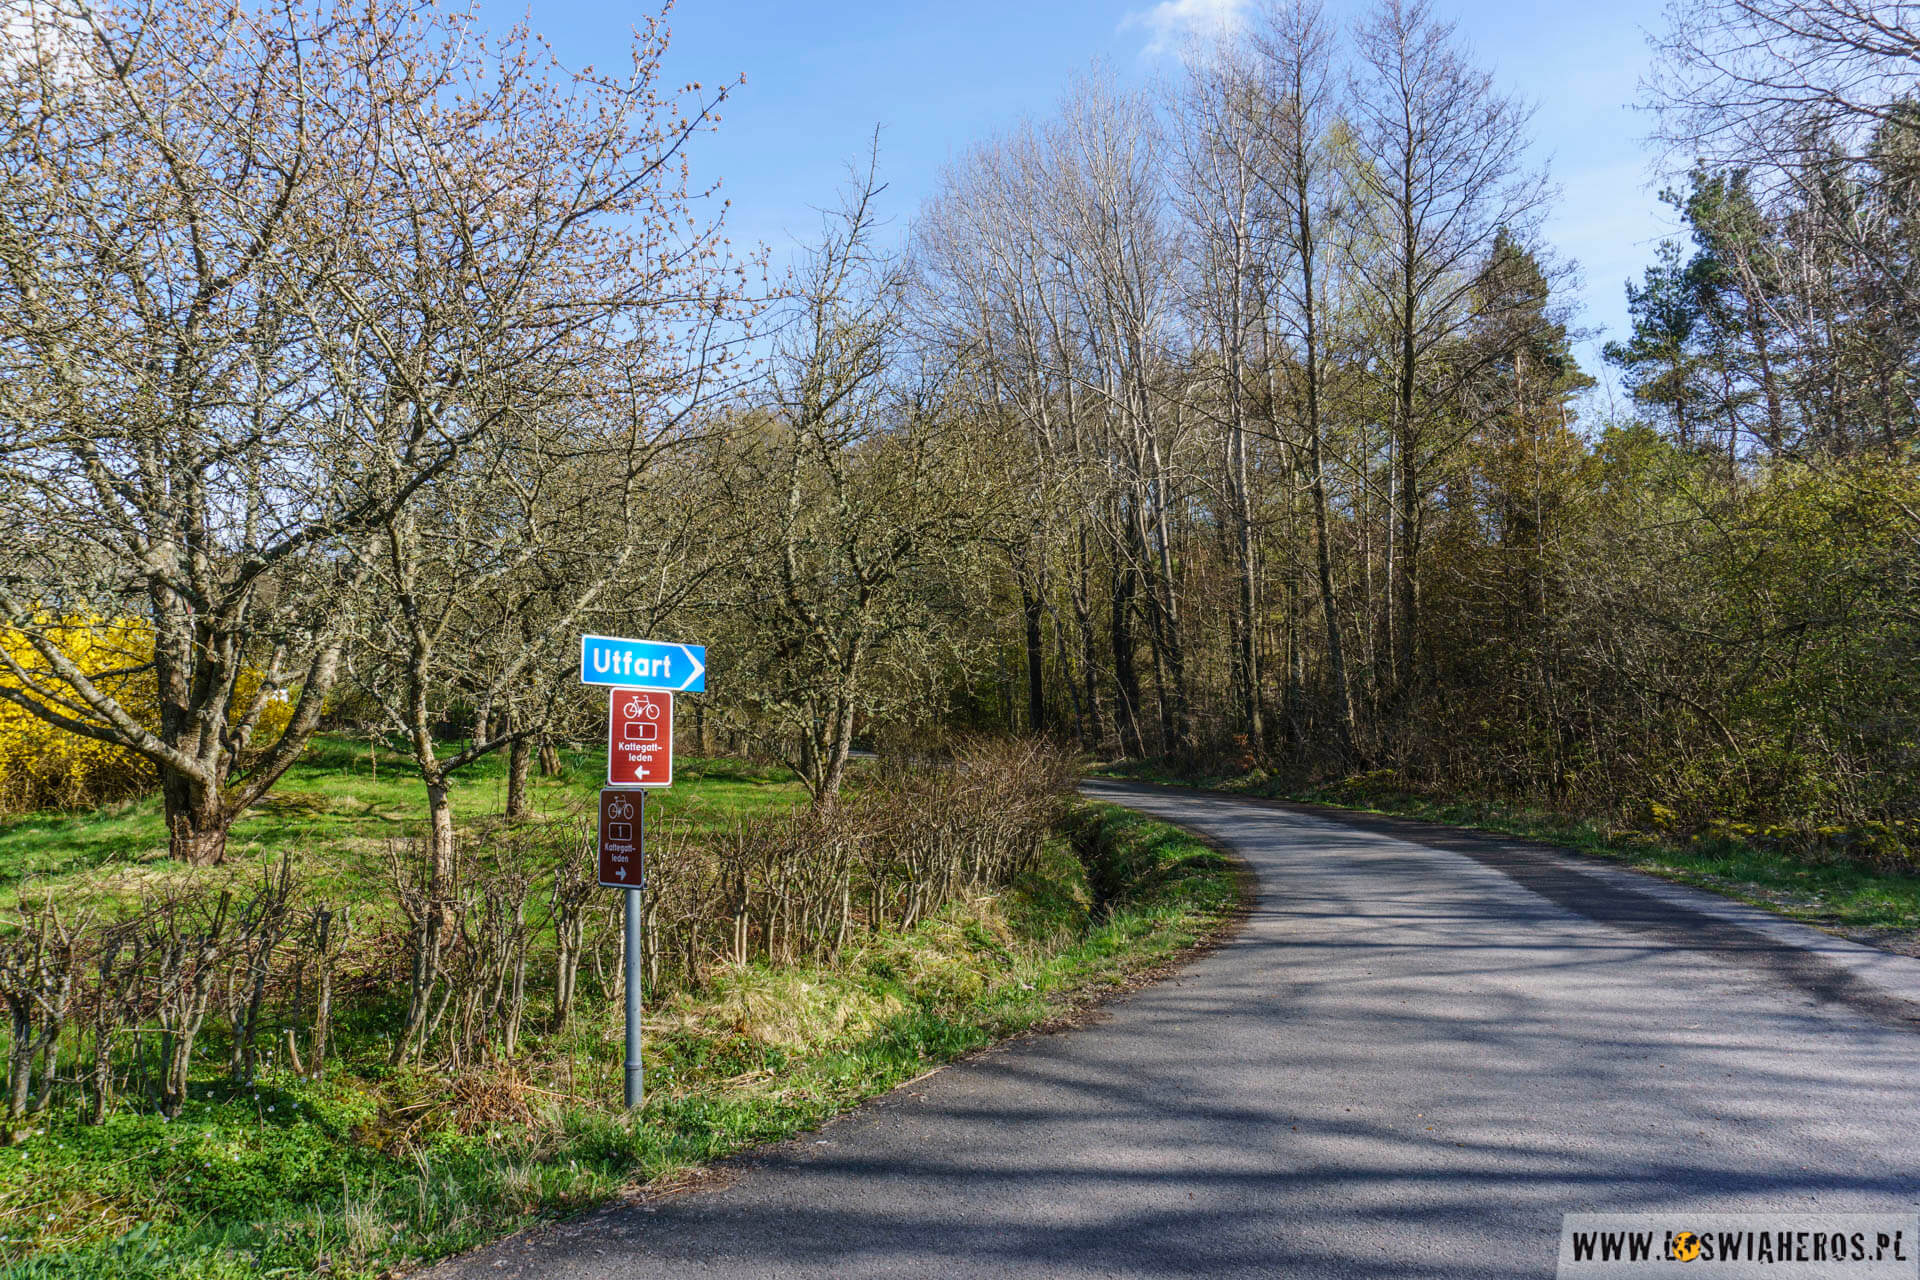 Ginstleden, czyli trasa rowerowa między Goteborgiem a Malmo